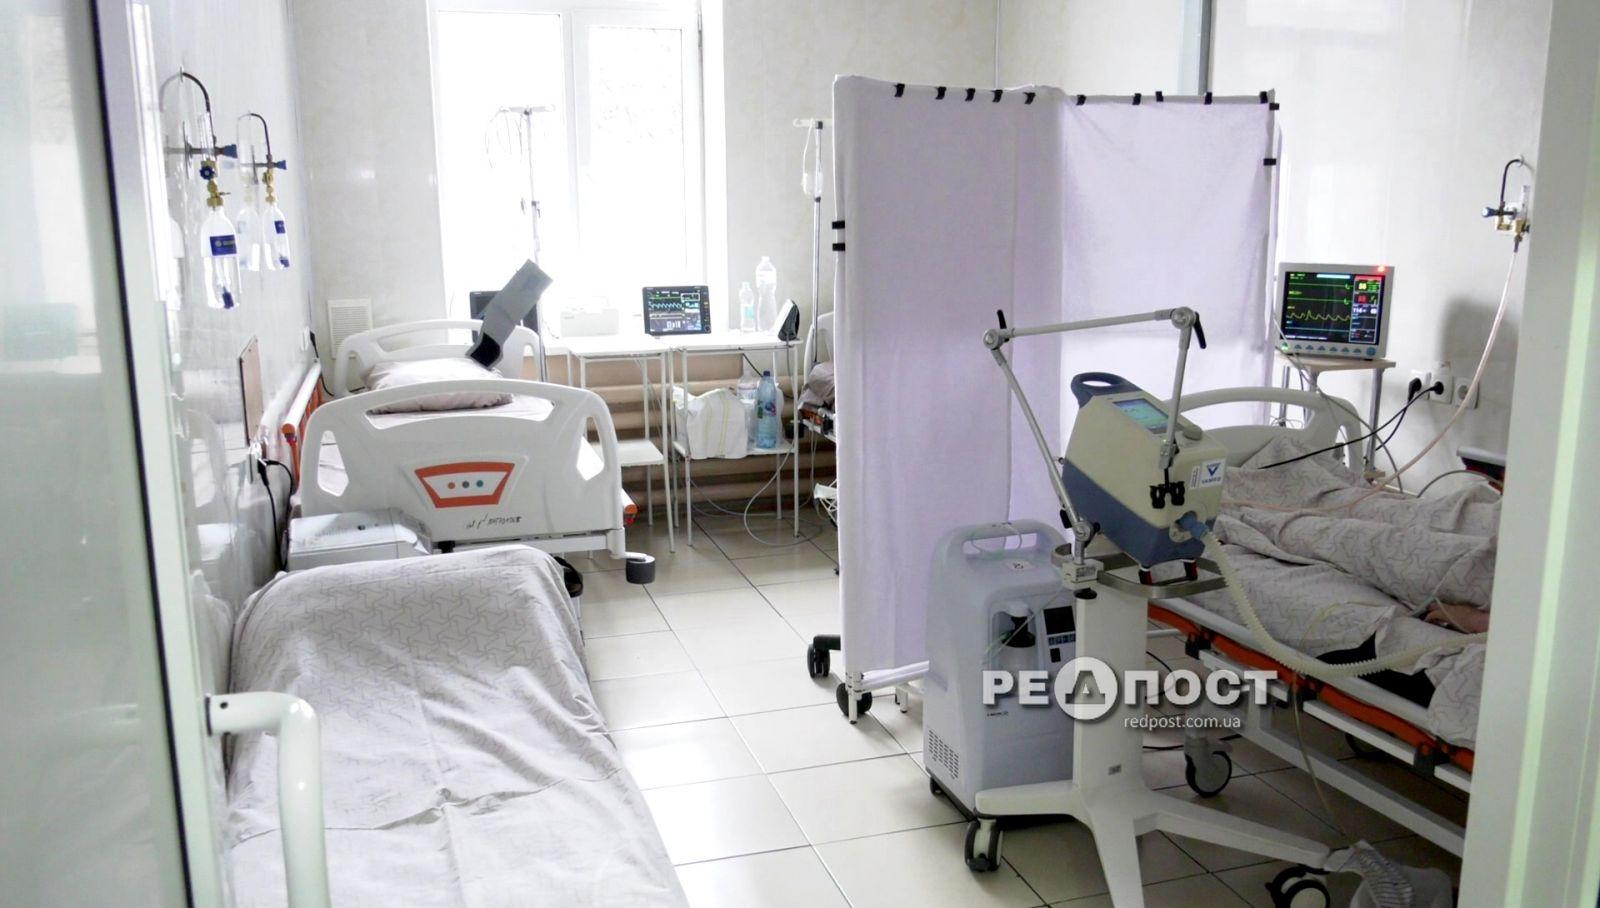 Коронавирус в Харькове: городские больница получили 60 млн гривен на борьбу с COVID-19